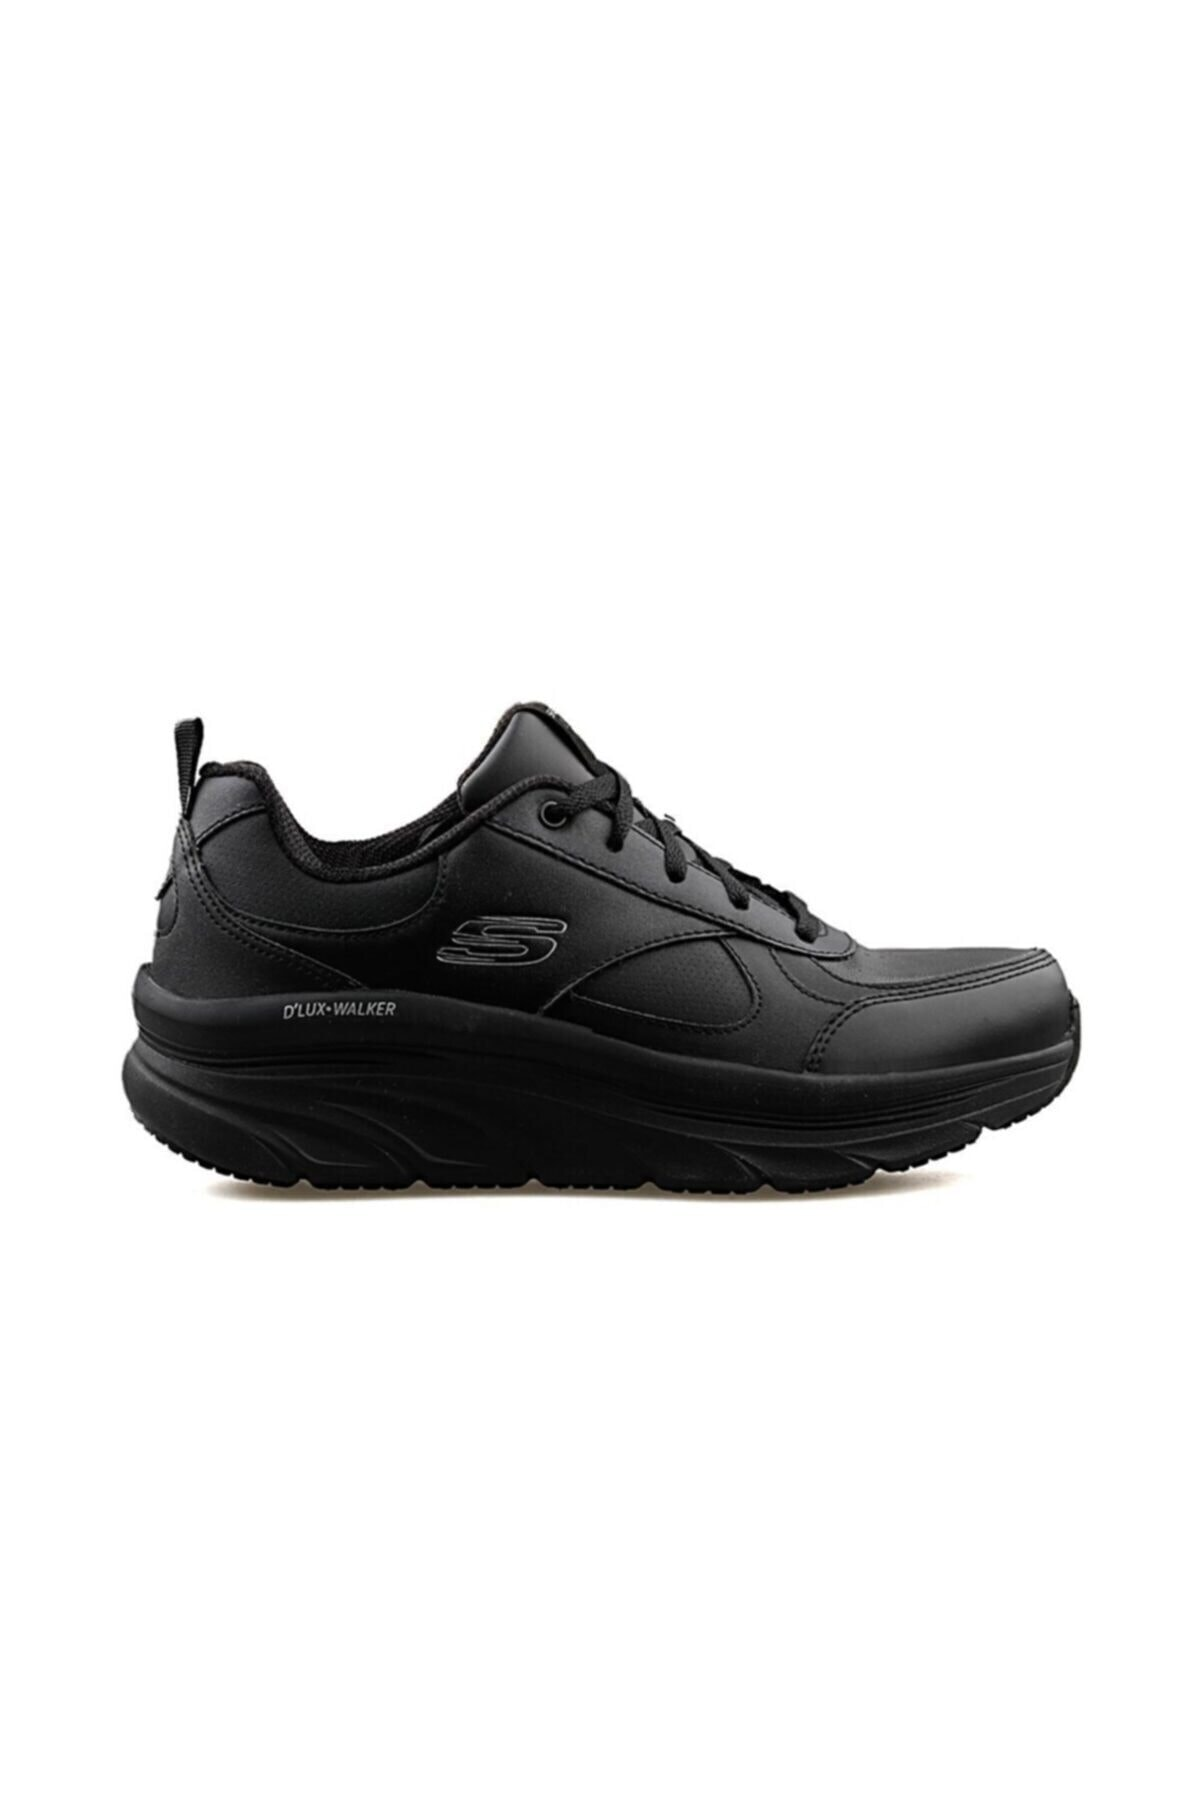 SKECHERS D'LUX WALKER-TIMELESS PATH Kadın Siyah Spor Ayakkabı 1